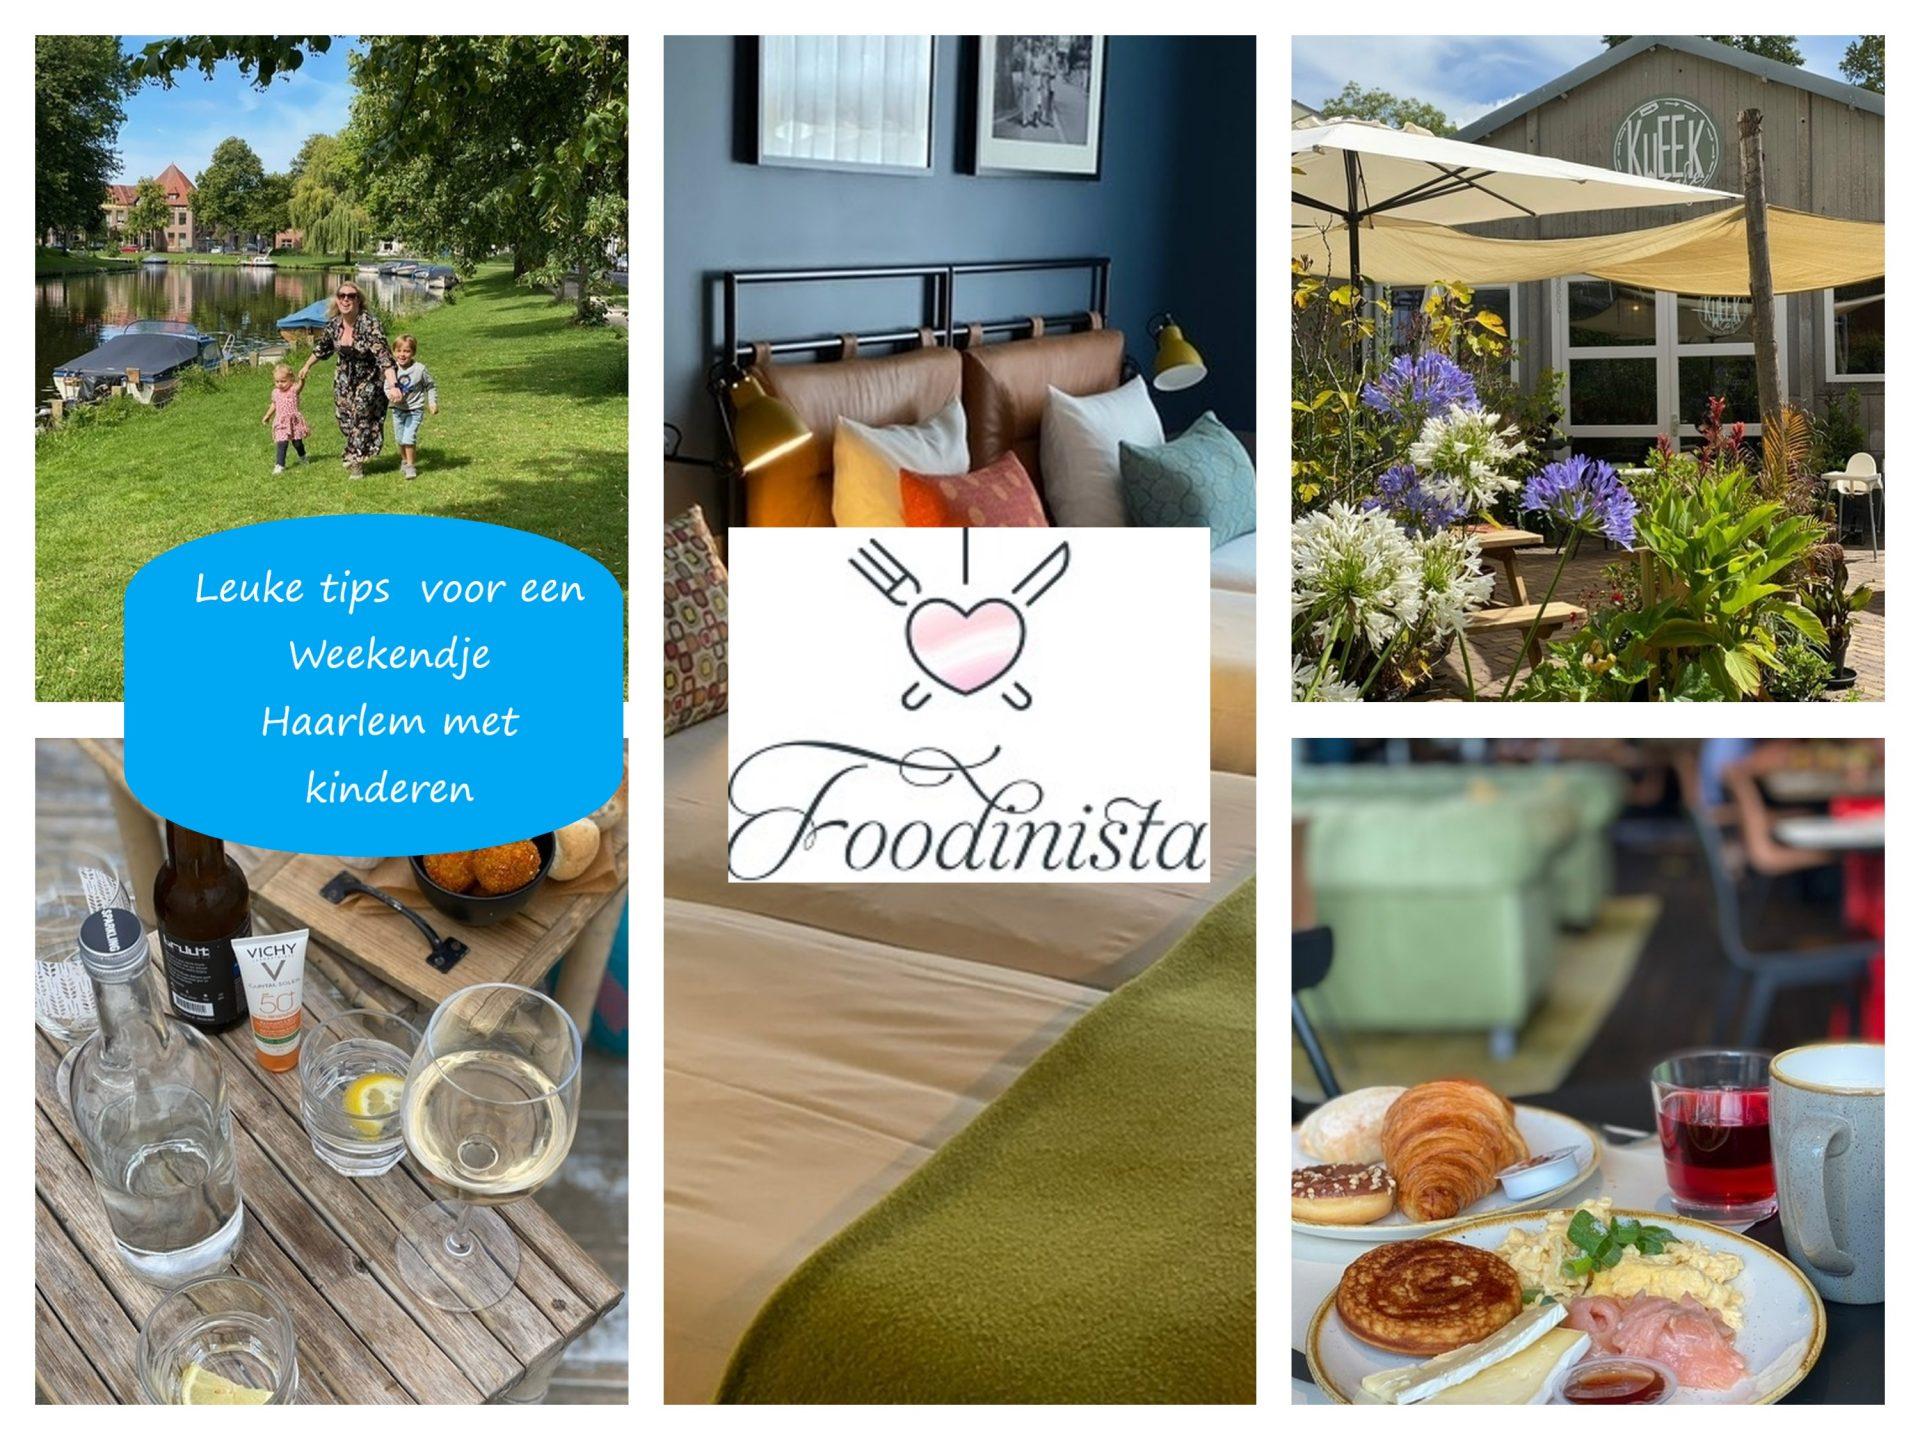 Weekendje Haarlem met het gezin - 5 Tips voor een weekendje weg - Foodinista